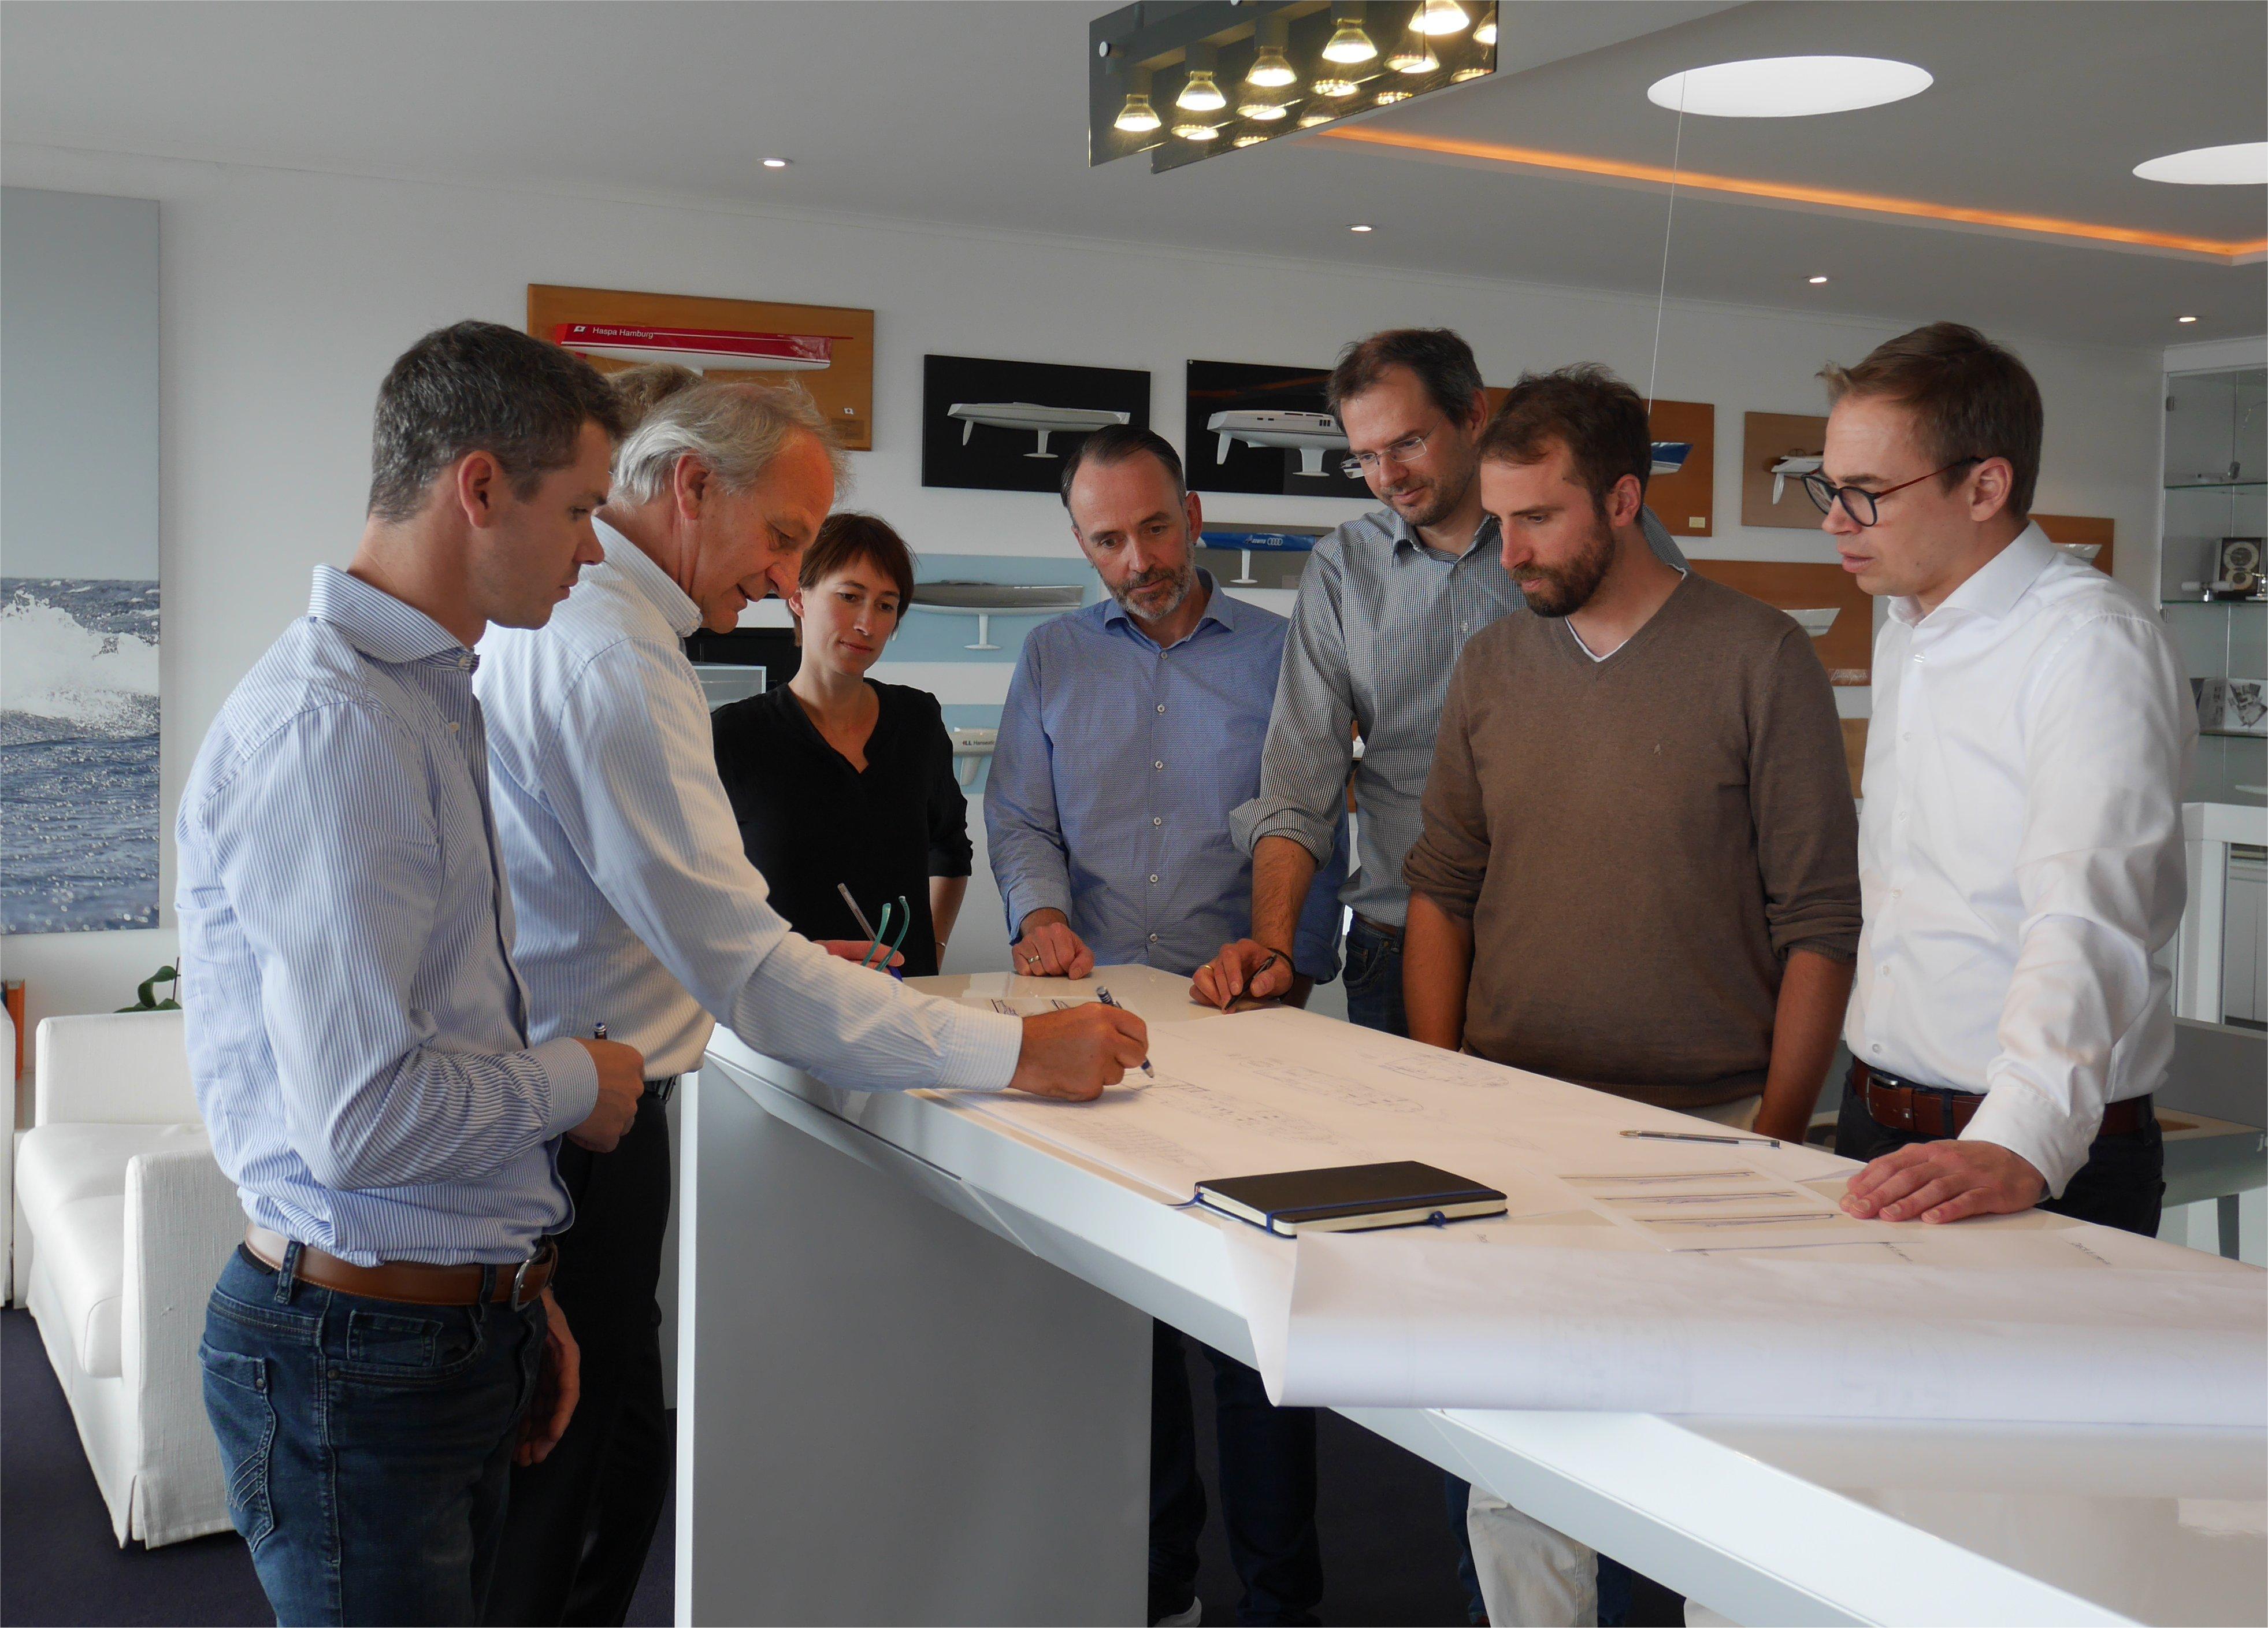 Letzter Schliff: Die Teams von Lloyd Werft Bremerhaven und judel/vrolijk & co beim Finetuning der 95-Meter-Yacht.